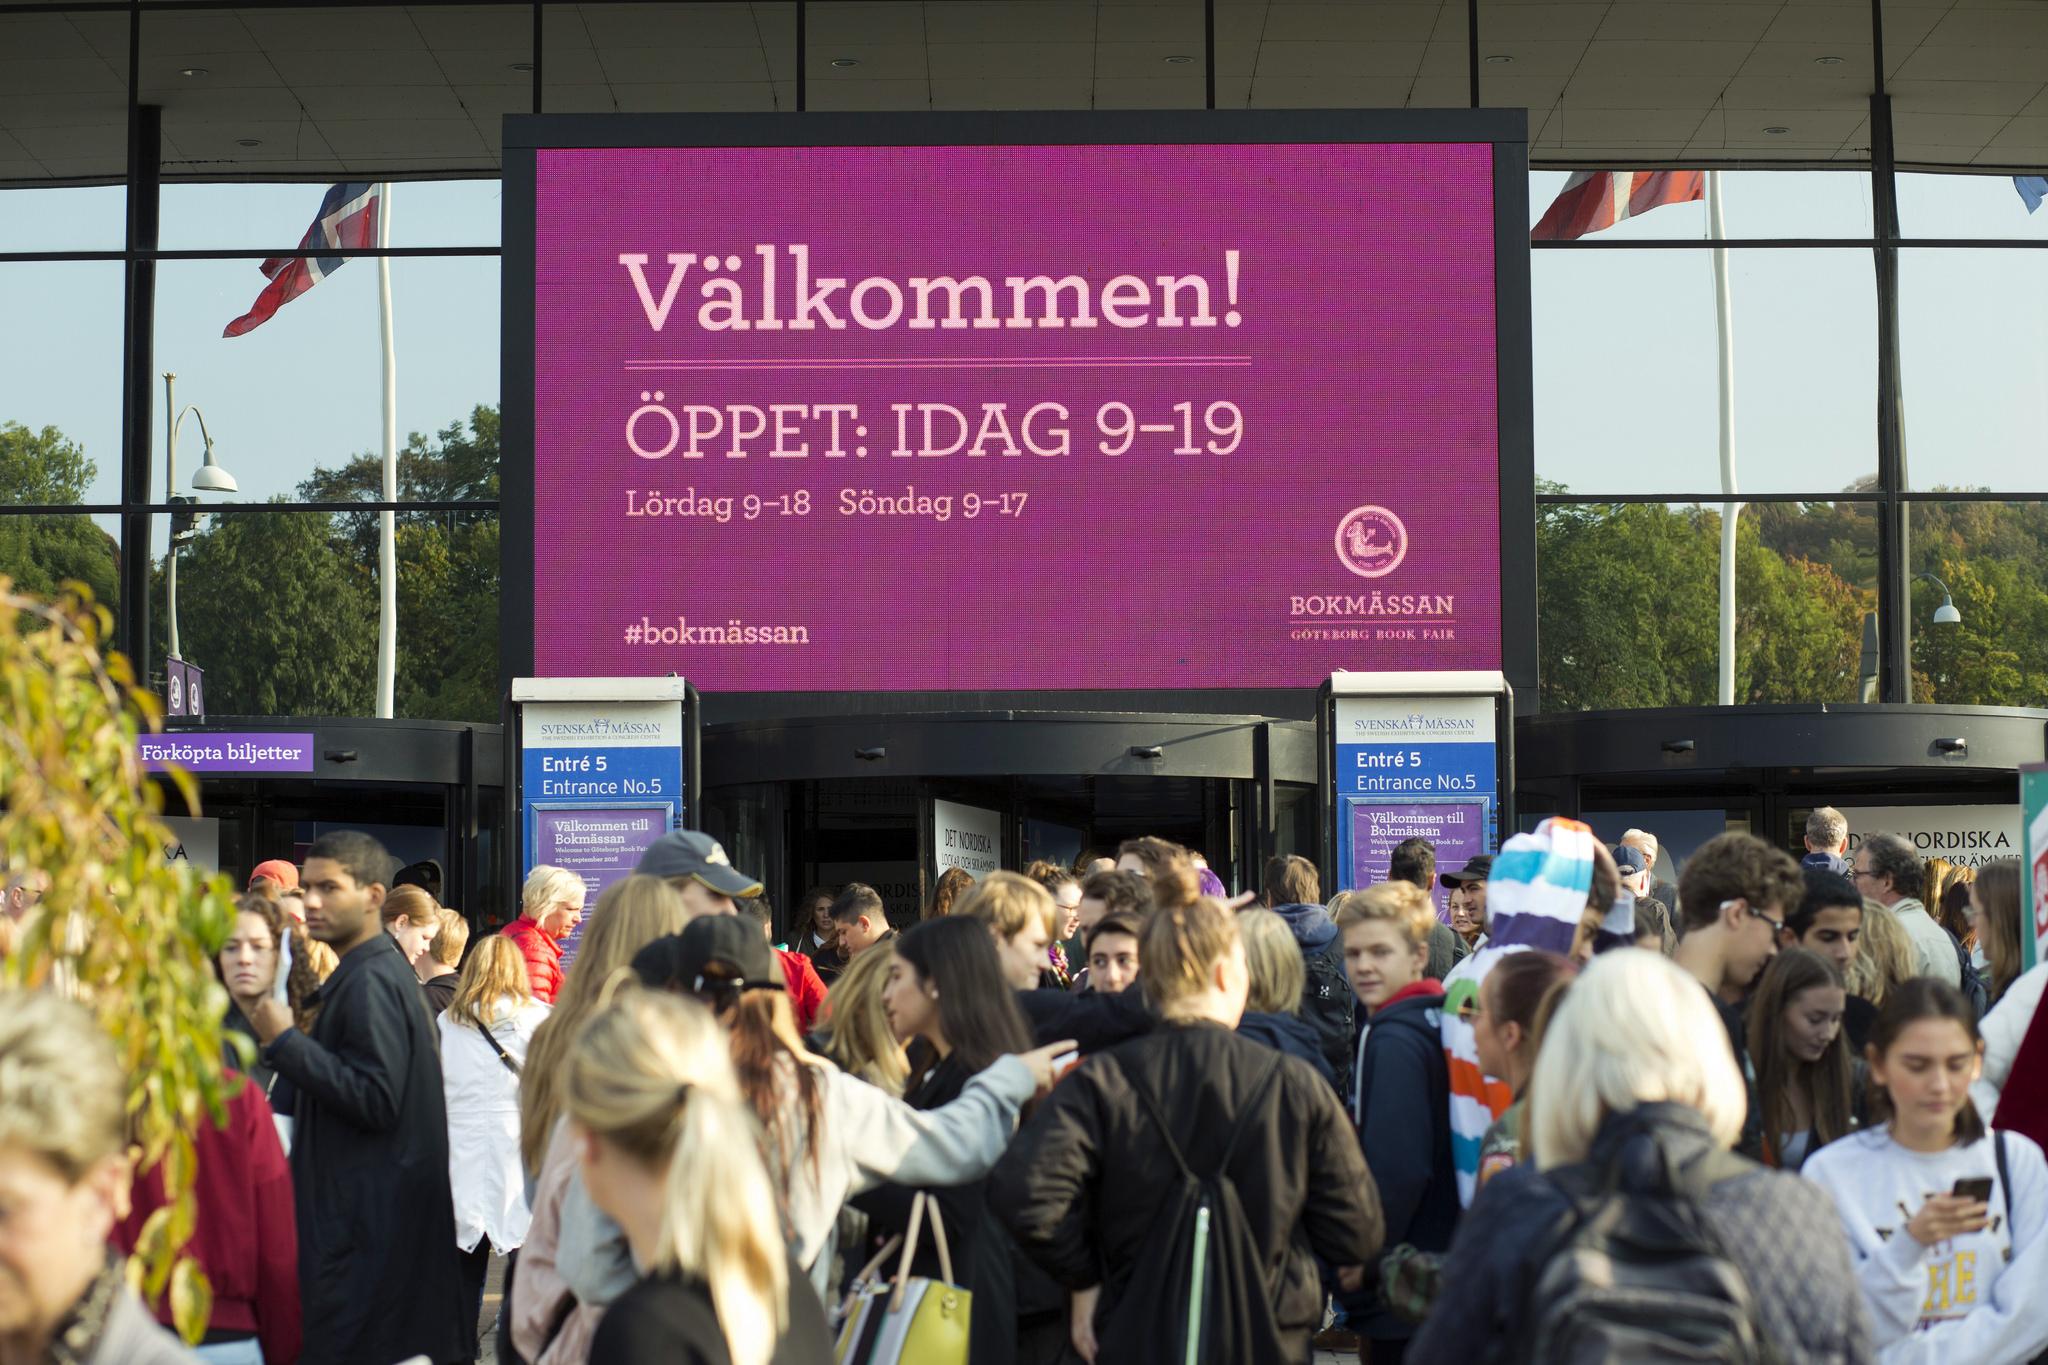 svensk dejtingkultur 33 år gammal man dating 21 år gammal kvinna